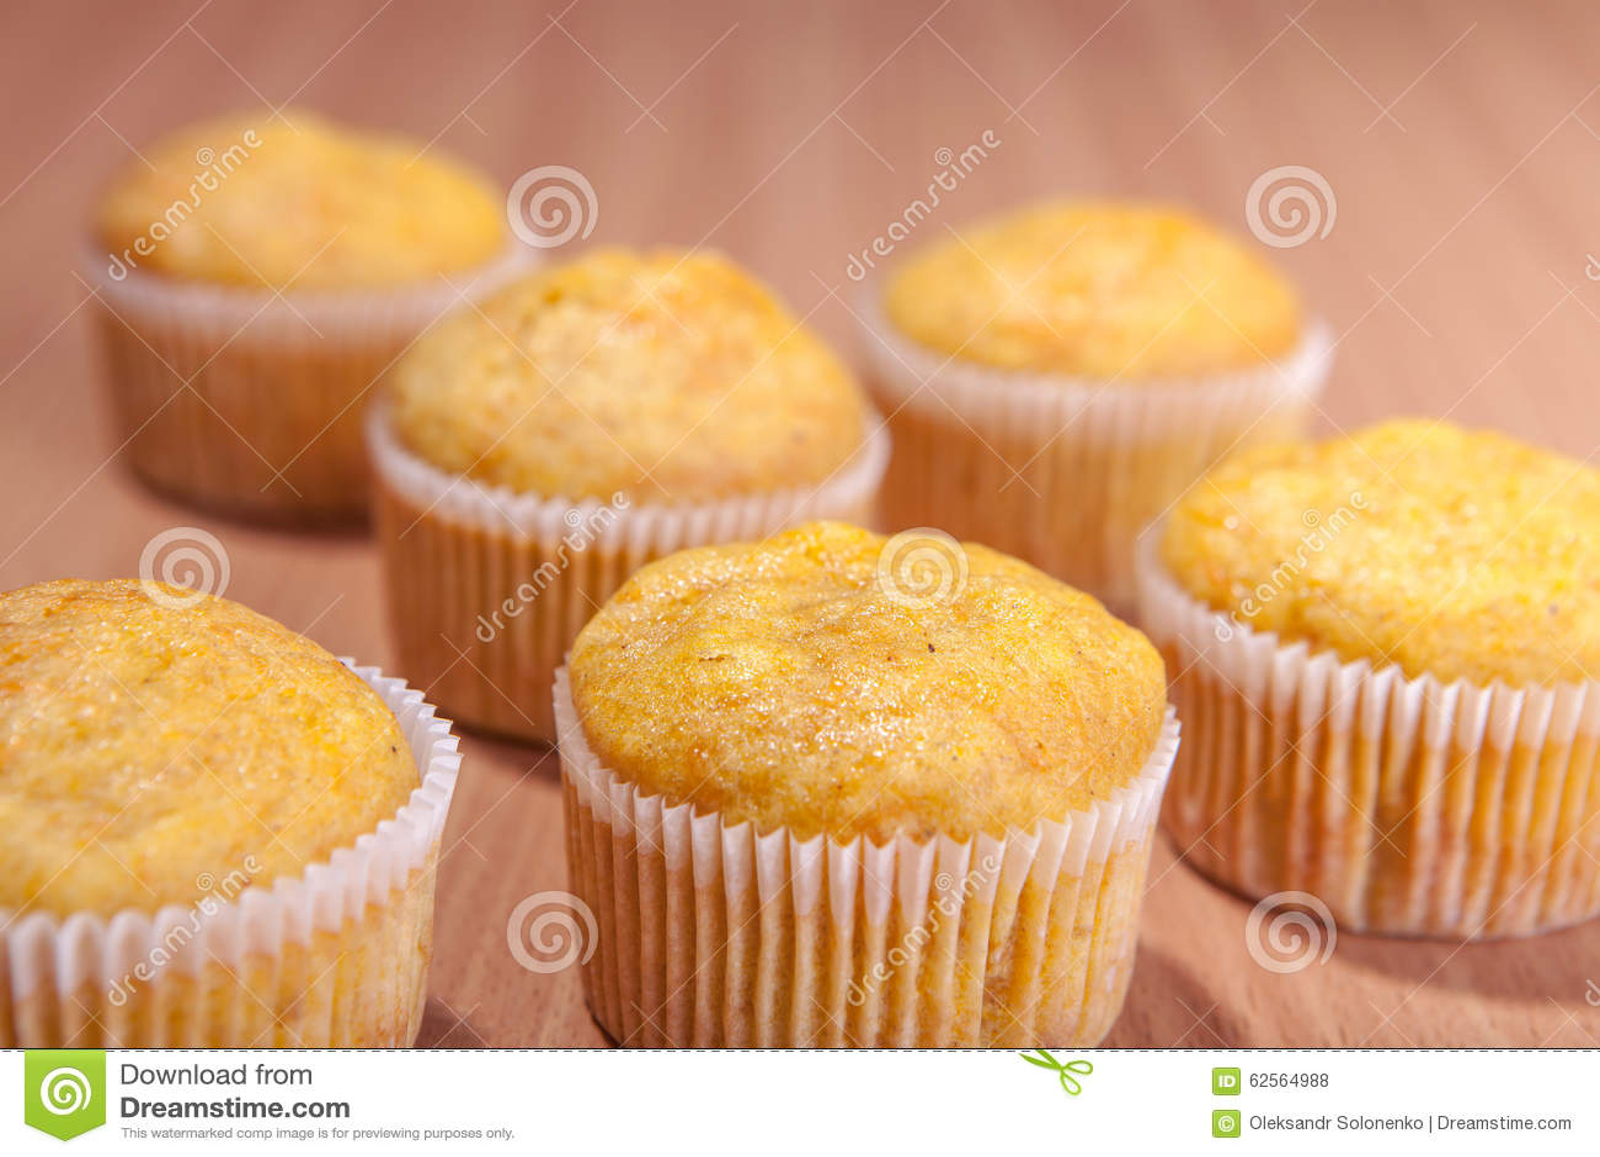 Sechs kleine Kuchen auf hölzerner Beschaffenheitstabelle